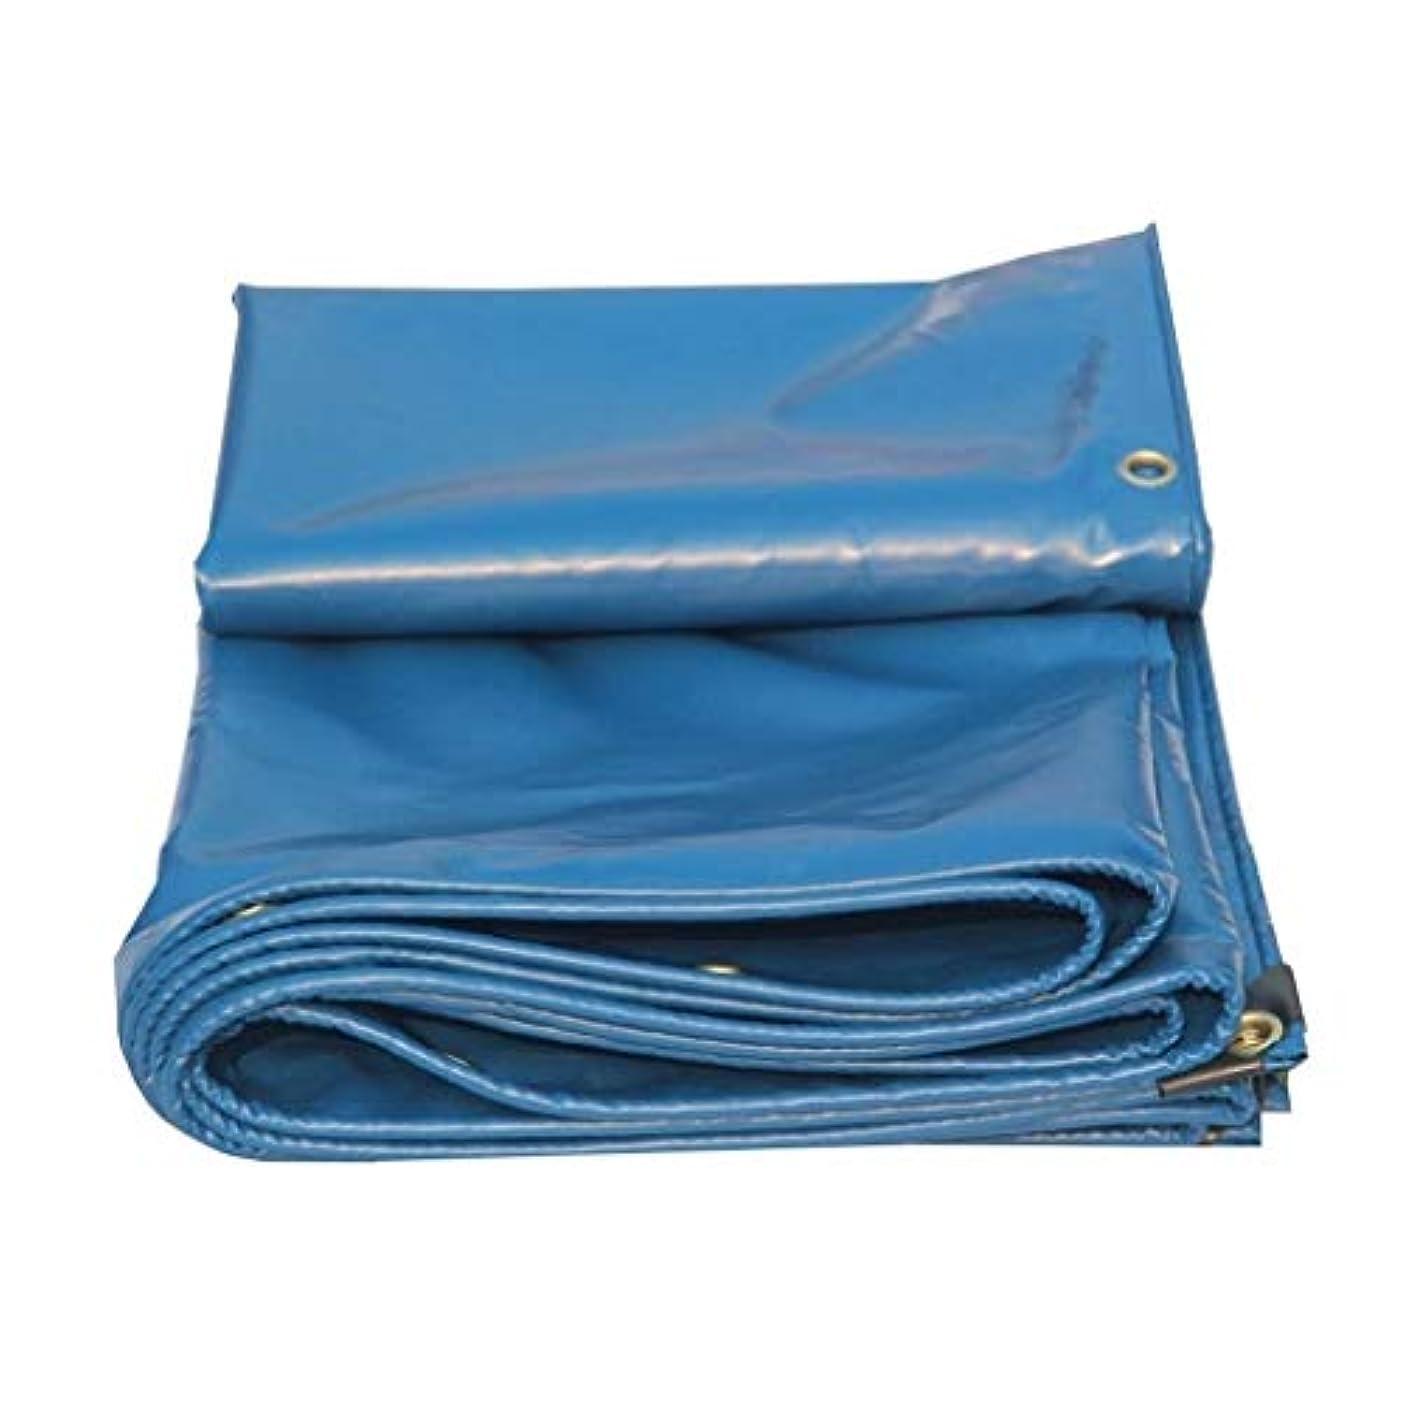 出費動脈ドライバ防水シート防水タープシート屋外サンバイザーキャンプ釣り用ガーデニングサンプロテクション用多機能ポンチョ FENGMIMG (色 : 青, サイズ さいず : 5m×7m)